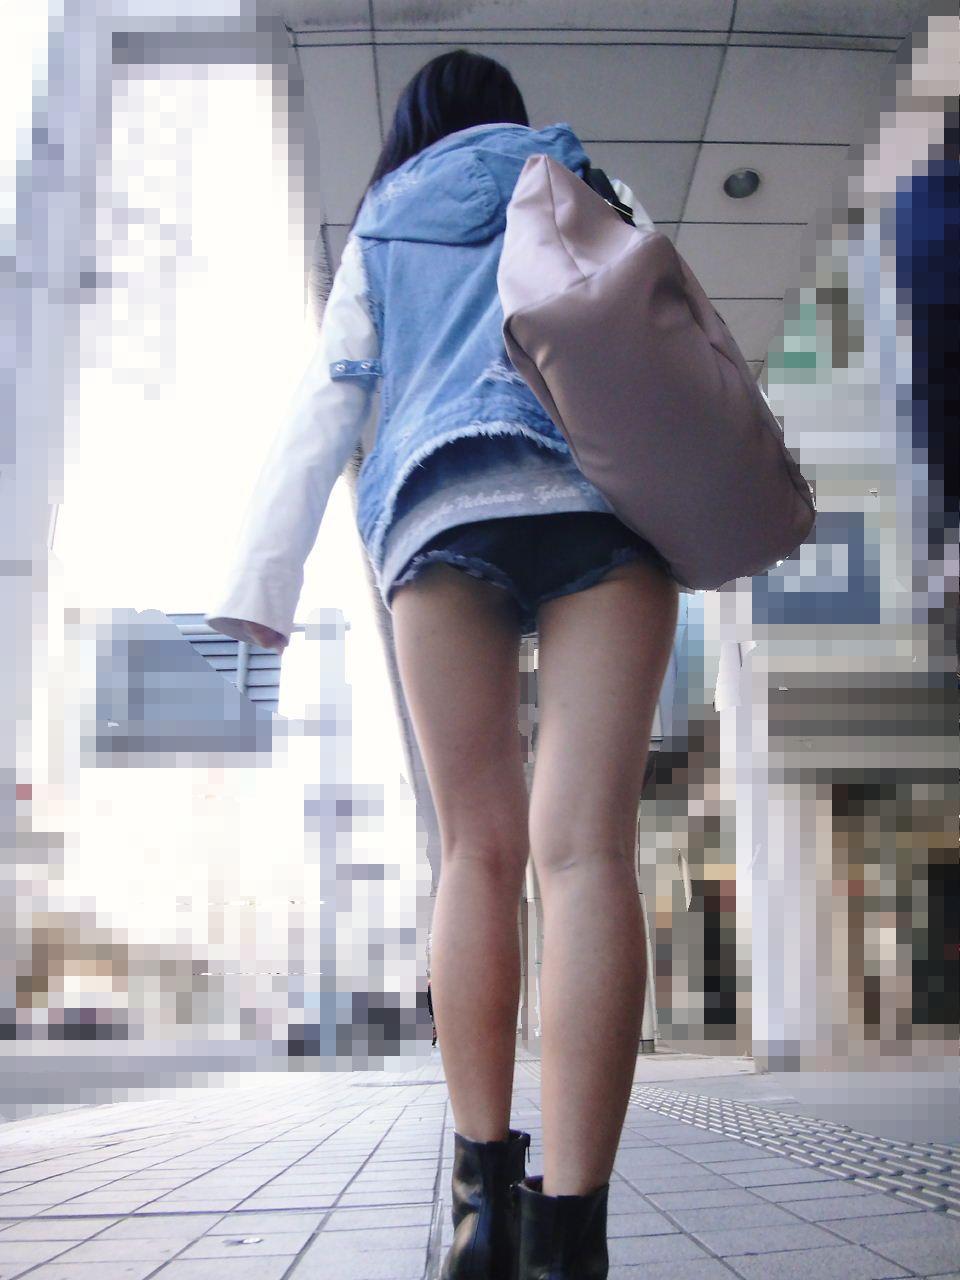 【街撮りショーパン微エロ画像】付け根際まで見えるムチムチ太ももとハミ出た尻が素敵すぎる街角のショーパン女子www 19